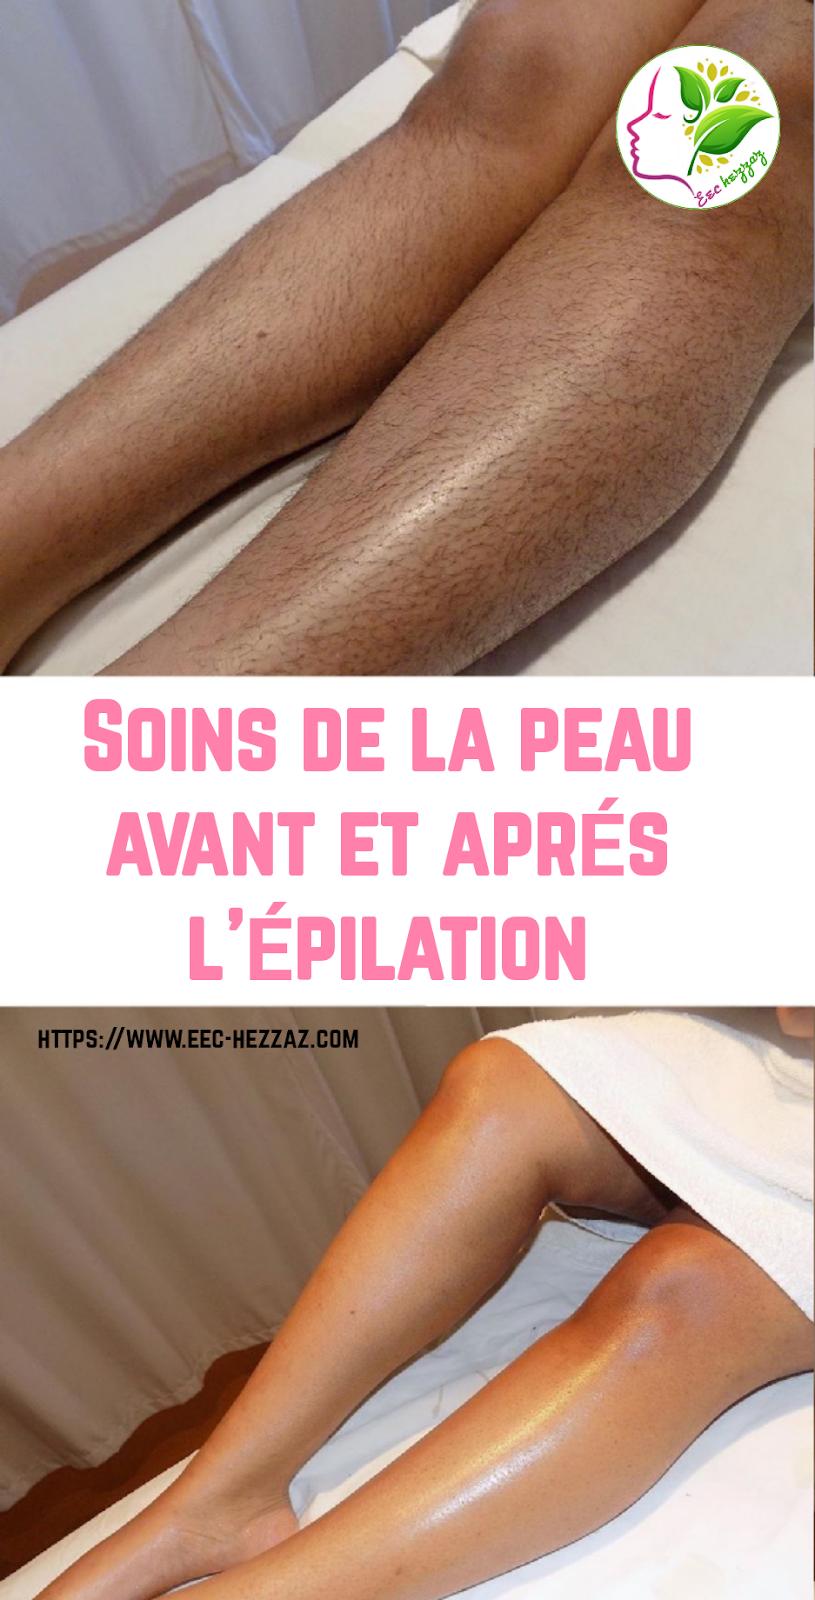 Soins de la peau avant et après l'épilation